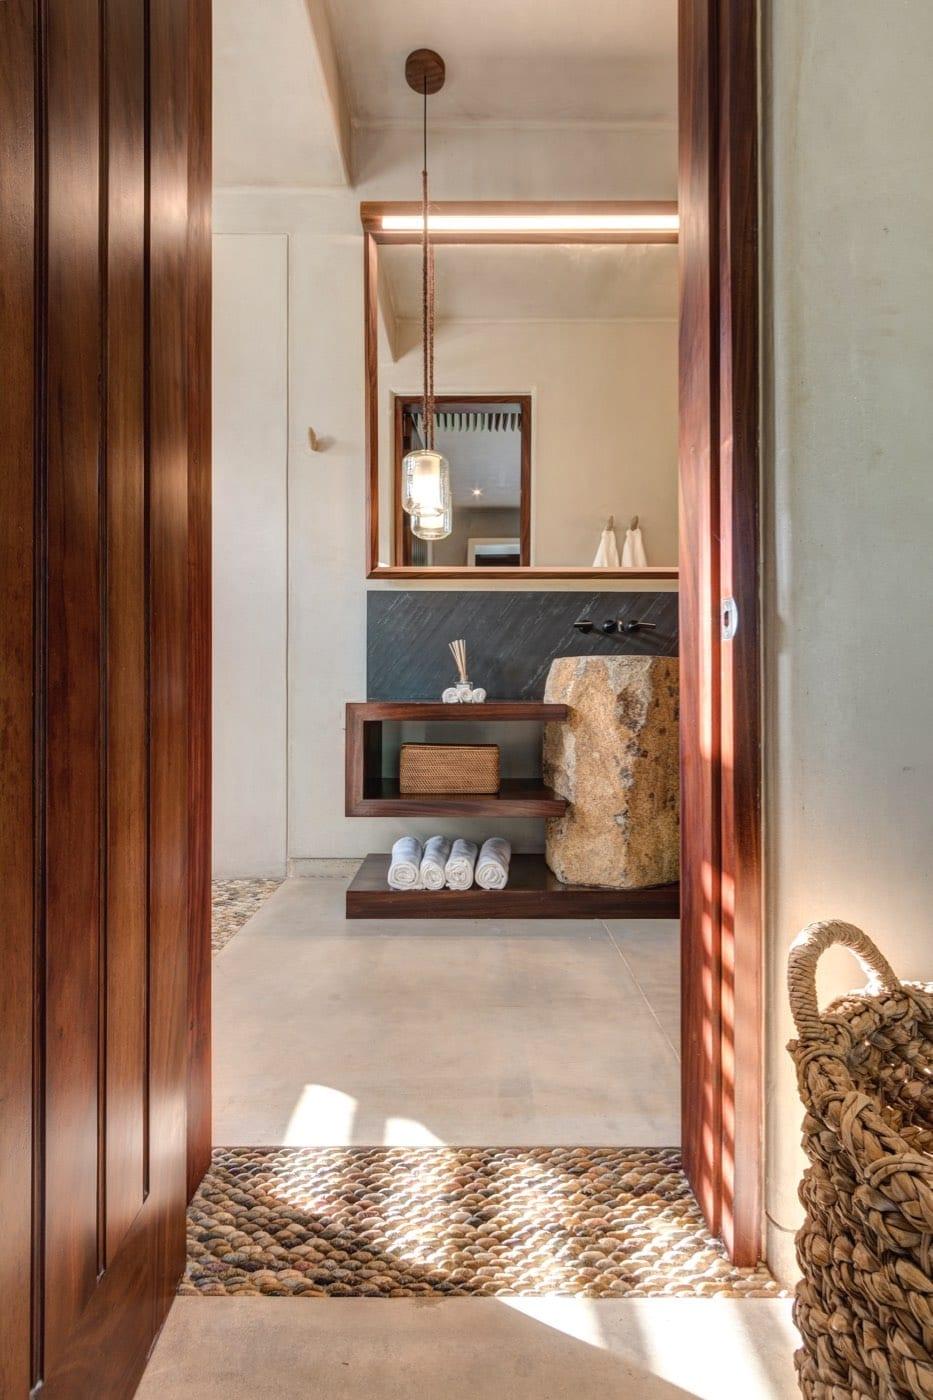 Casa Koko Bathroom